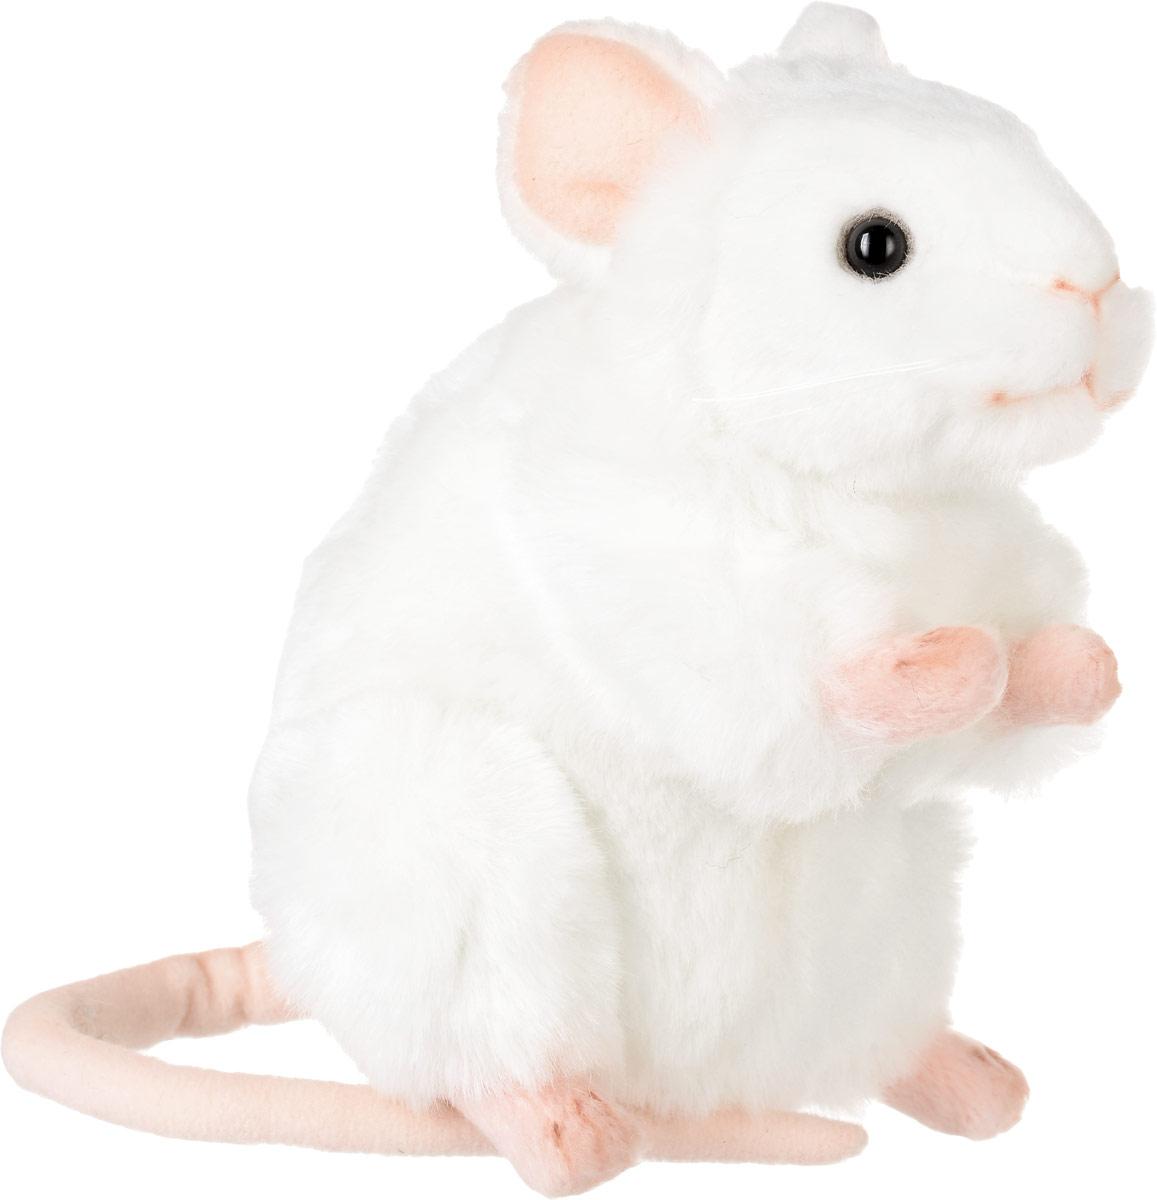 Hansa Toys Мягкая игрушка Белая мышь 16 см5323Мыши - семейство млекопитающих из отряда грызунов. Распространены повсеместно. Белые мыши широко используются для научных экспериментов. У мышей мягкий мех, чаще всего светло-бежевый. Едят любые растения, семена, пищу животного происхождения. Длина в среднем 17 см, из которых 8 см составляет хвост. Домашние мыши из-за лучшей пищи часто более крупные. Размножаются каждые 10-17 недель. Потомство достигает 5-10 мышат. Мягкая игрушка Hansa Toys Белая мышь обязательно понравится вам и вашему малышу, а также познакомит вас с этим животным.